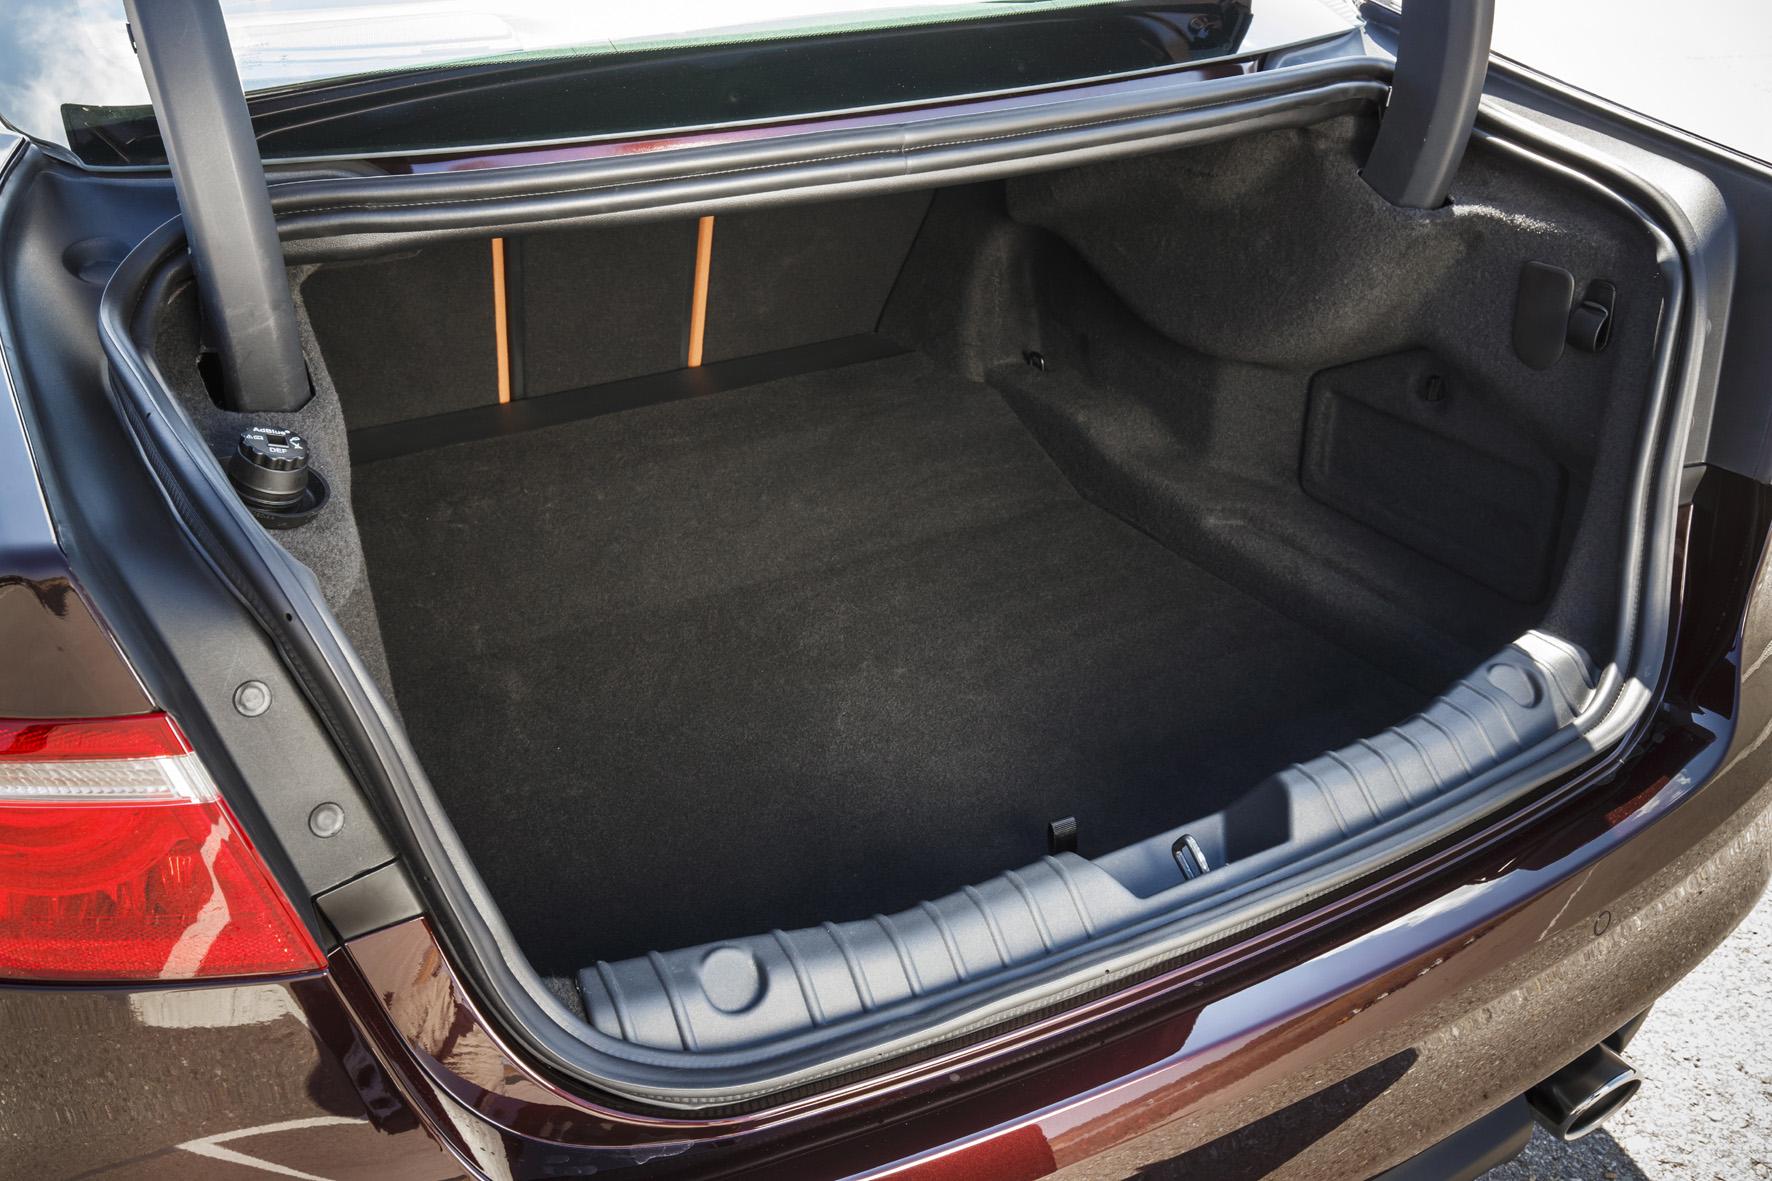 Der Kofferraum ist über eine niedrige Klappe eingeschränkt zugänglich, sein 540-Liter Stau-Volumen lässt sich auf 885 Liter erweitern.